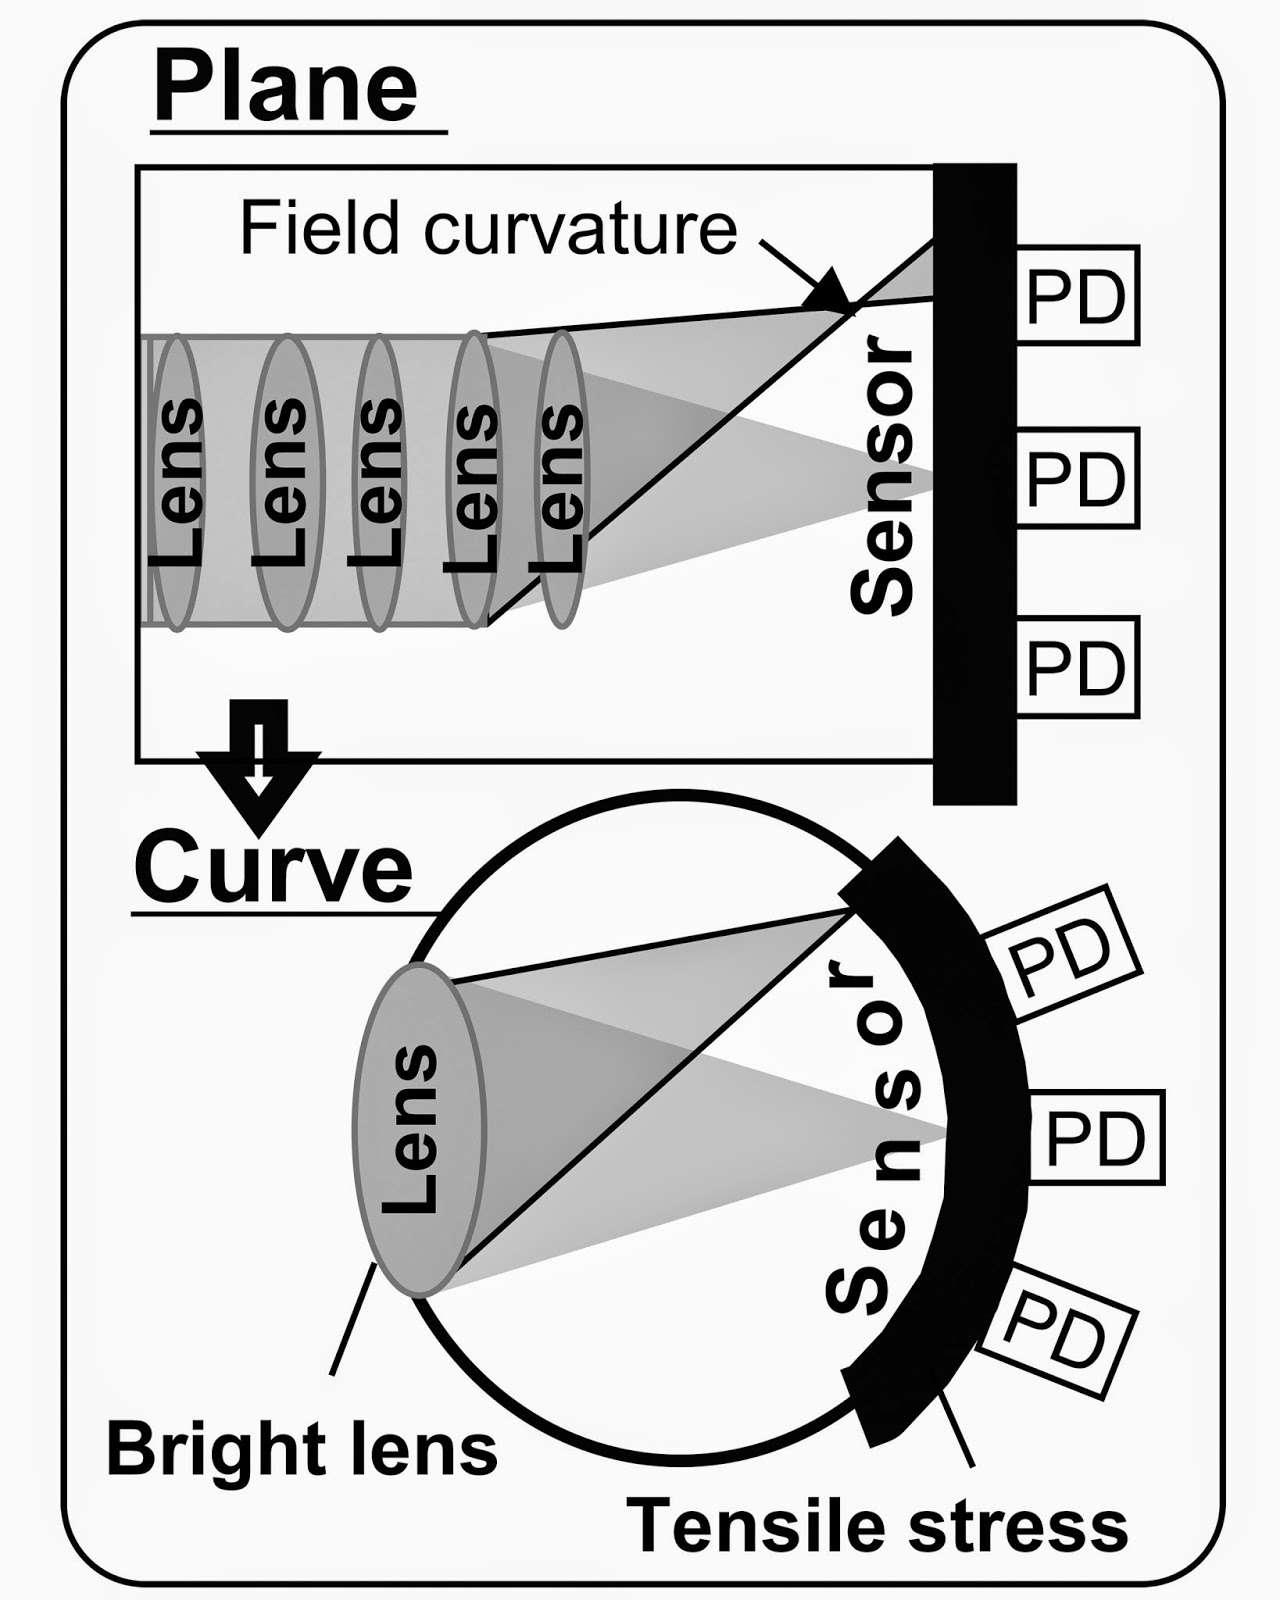 Ce schéma produit par Sony compare l'architecture d'un capteur d'images CMos plat (plane) avec celle de son capteur courbé (curve). L'un des avantages est la possibilité d'utiliser une lentille (lens) plate avec une ouverture plus grande. Autre point positif mis en avant par Sony, la disposition des photodiodes (PD) leur permet de capter directement les rayons de lumière. En outre, la partie en silicium du capteur est modifiée par la courbure, ce qui contribue à réduire le bruit engendré par le courant d'obscurité. © Sony Corporation